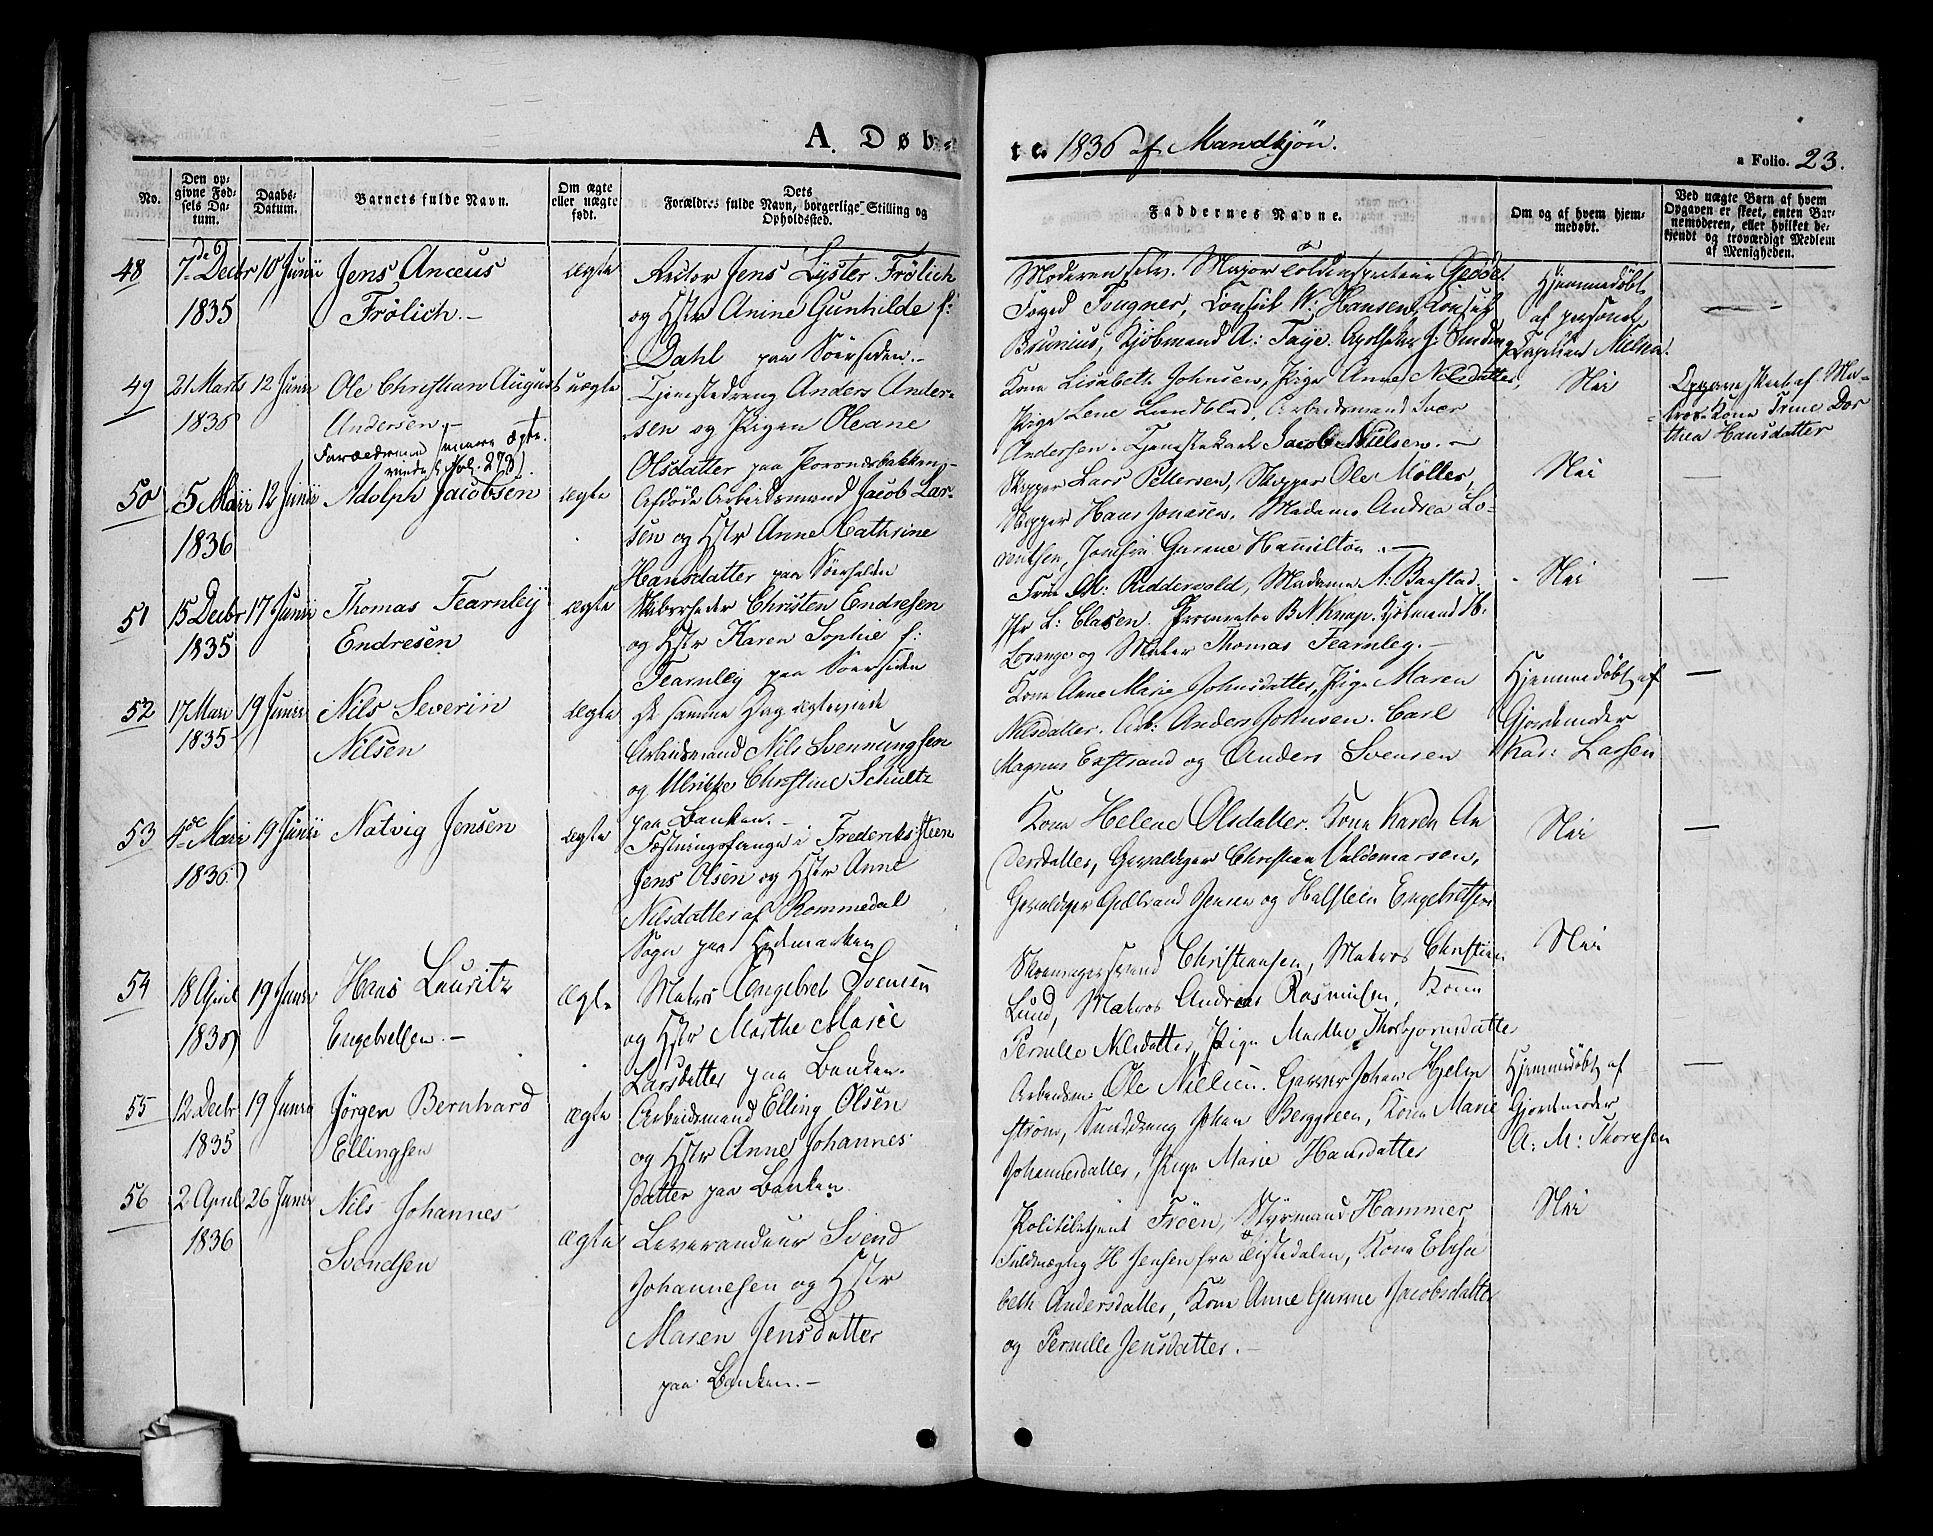 SAO, Halden prestekontor Kirkebøker, F/Fa/L0005: Ministerialbok nr. I 5, 1834-1845, s. 23